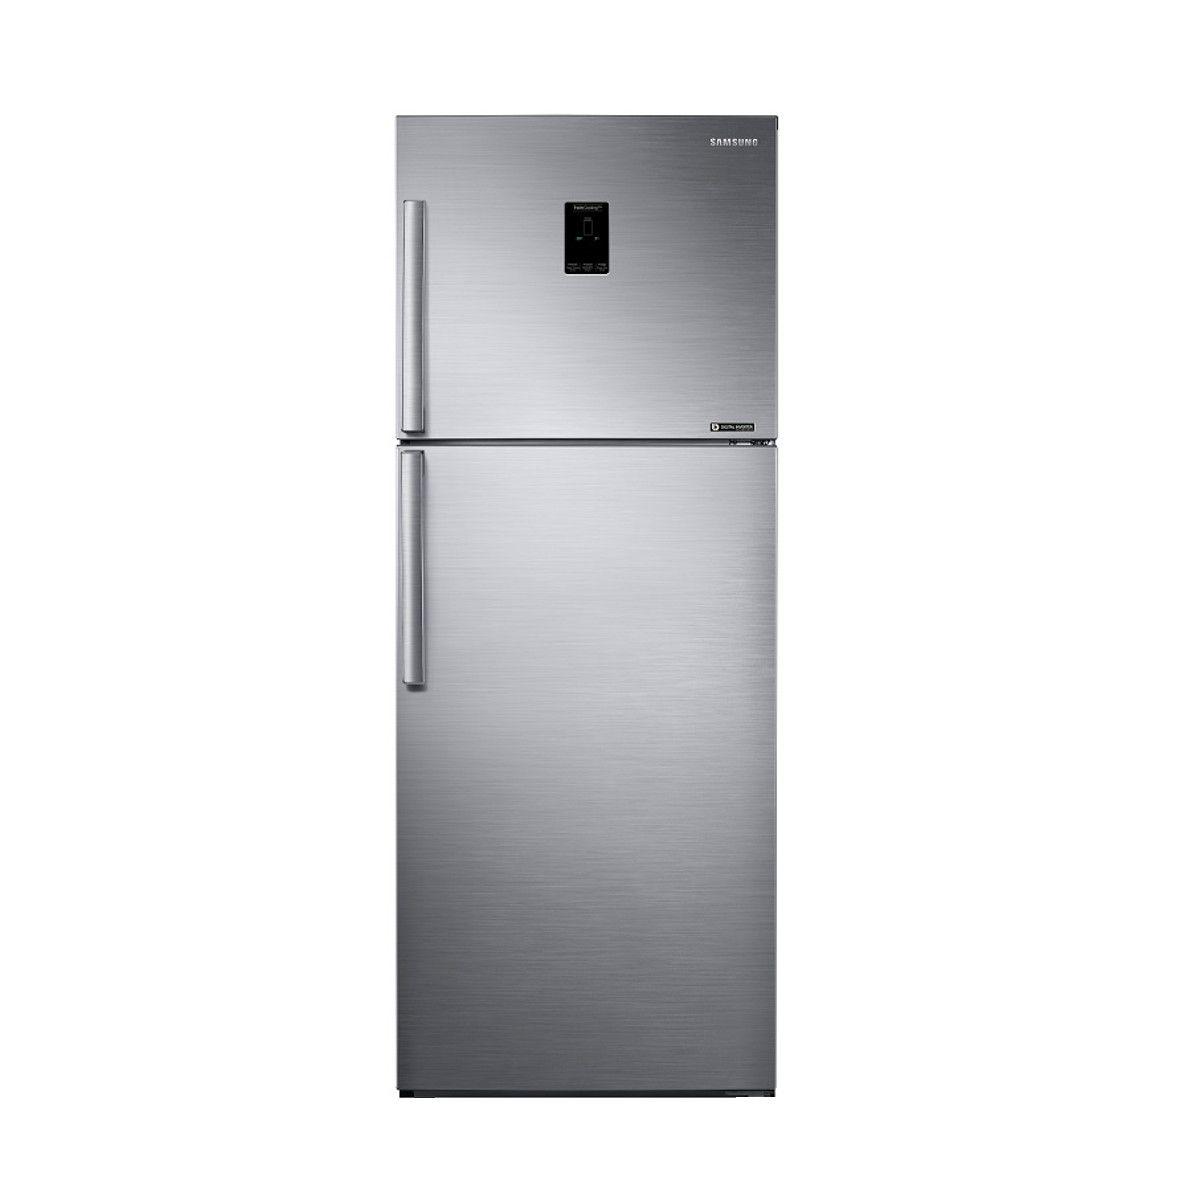 Réfrigérateur 2 portes RT38K5400S9, 384 L, Froid Ventilé